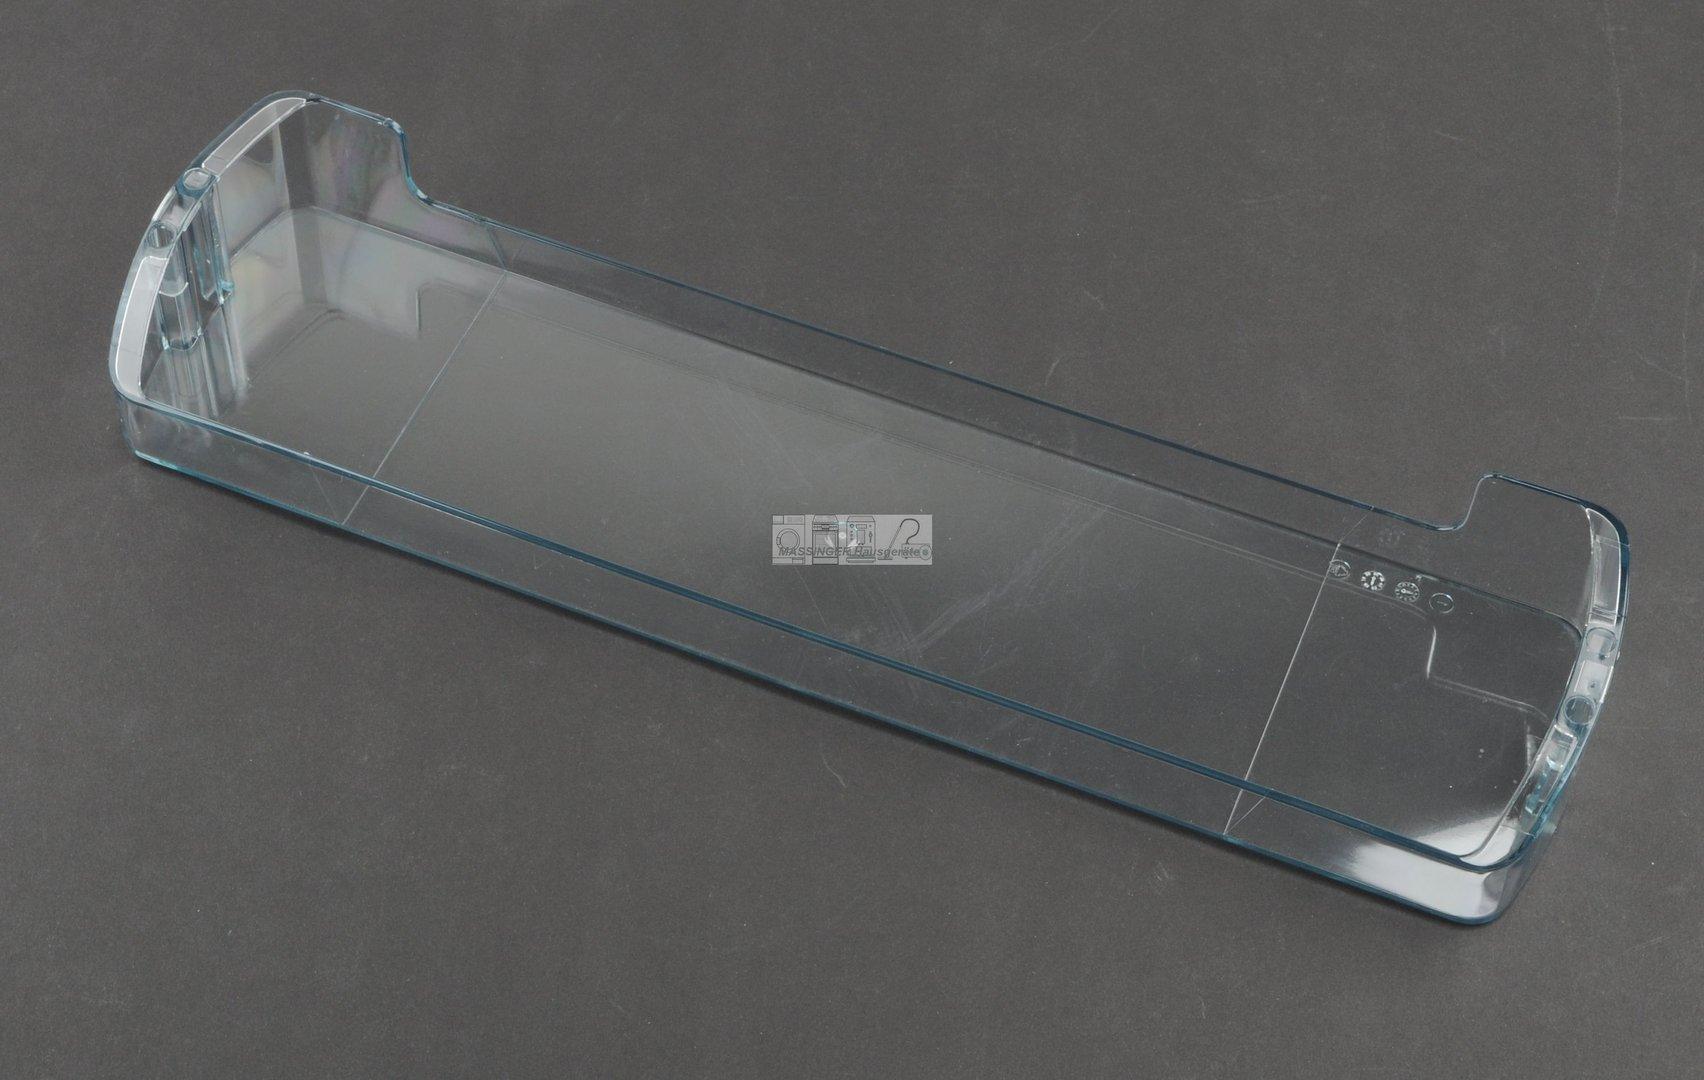 Gorenje Kühlschrank Schalter Funktion : Gorenje kühlschrank flaschenfach einbau getränke mm